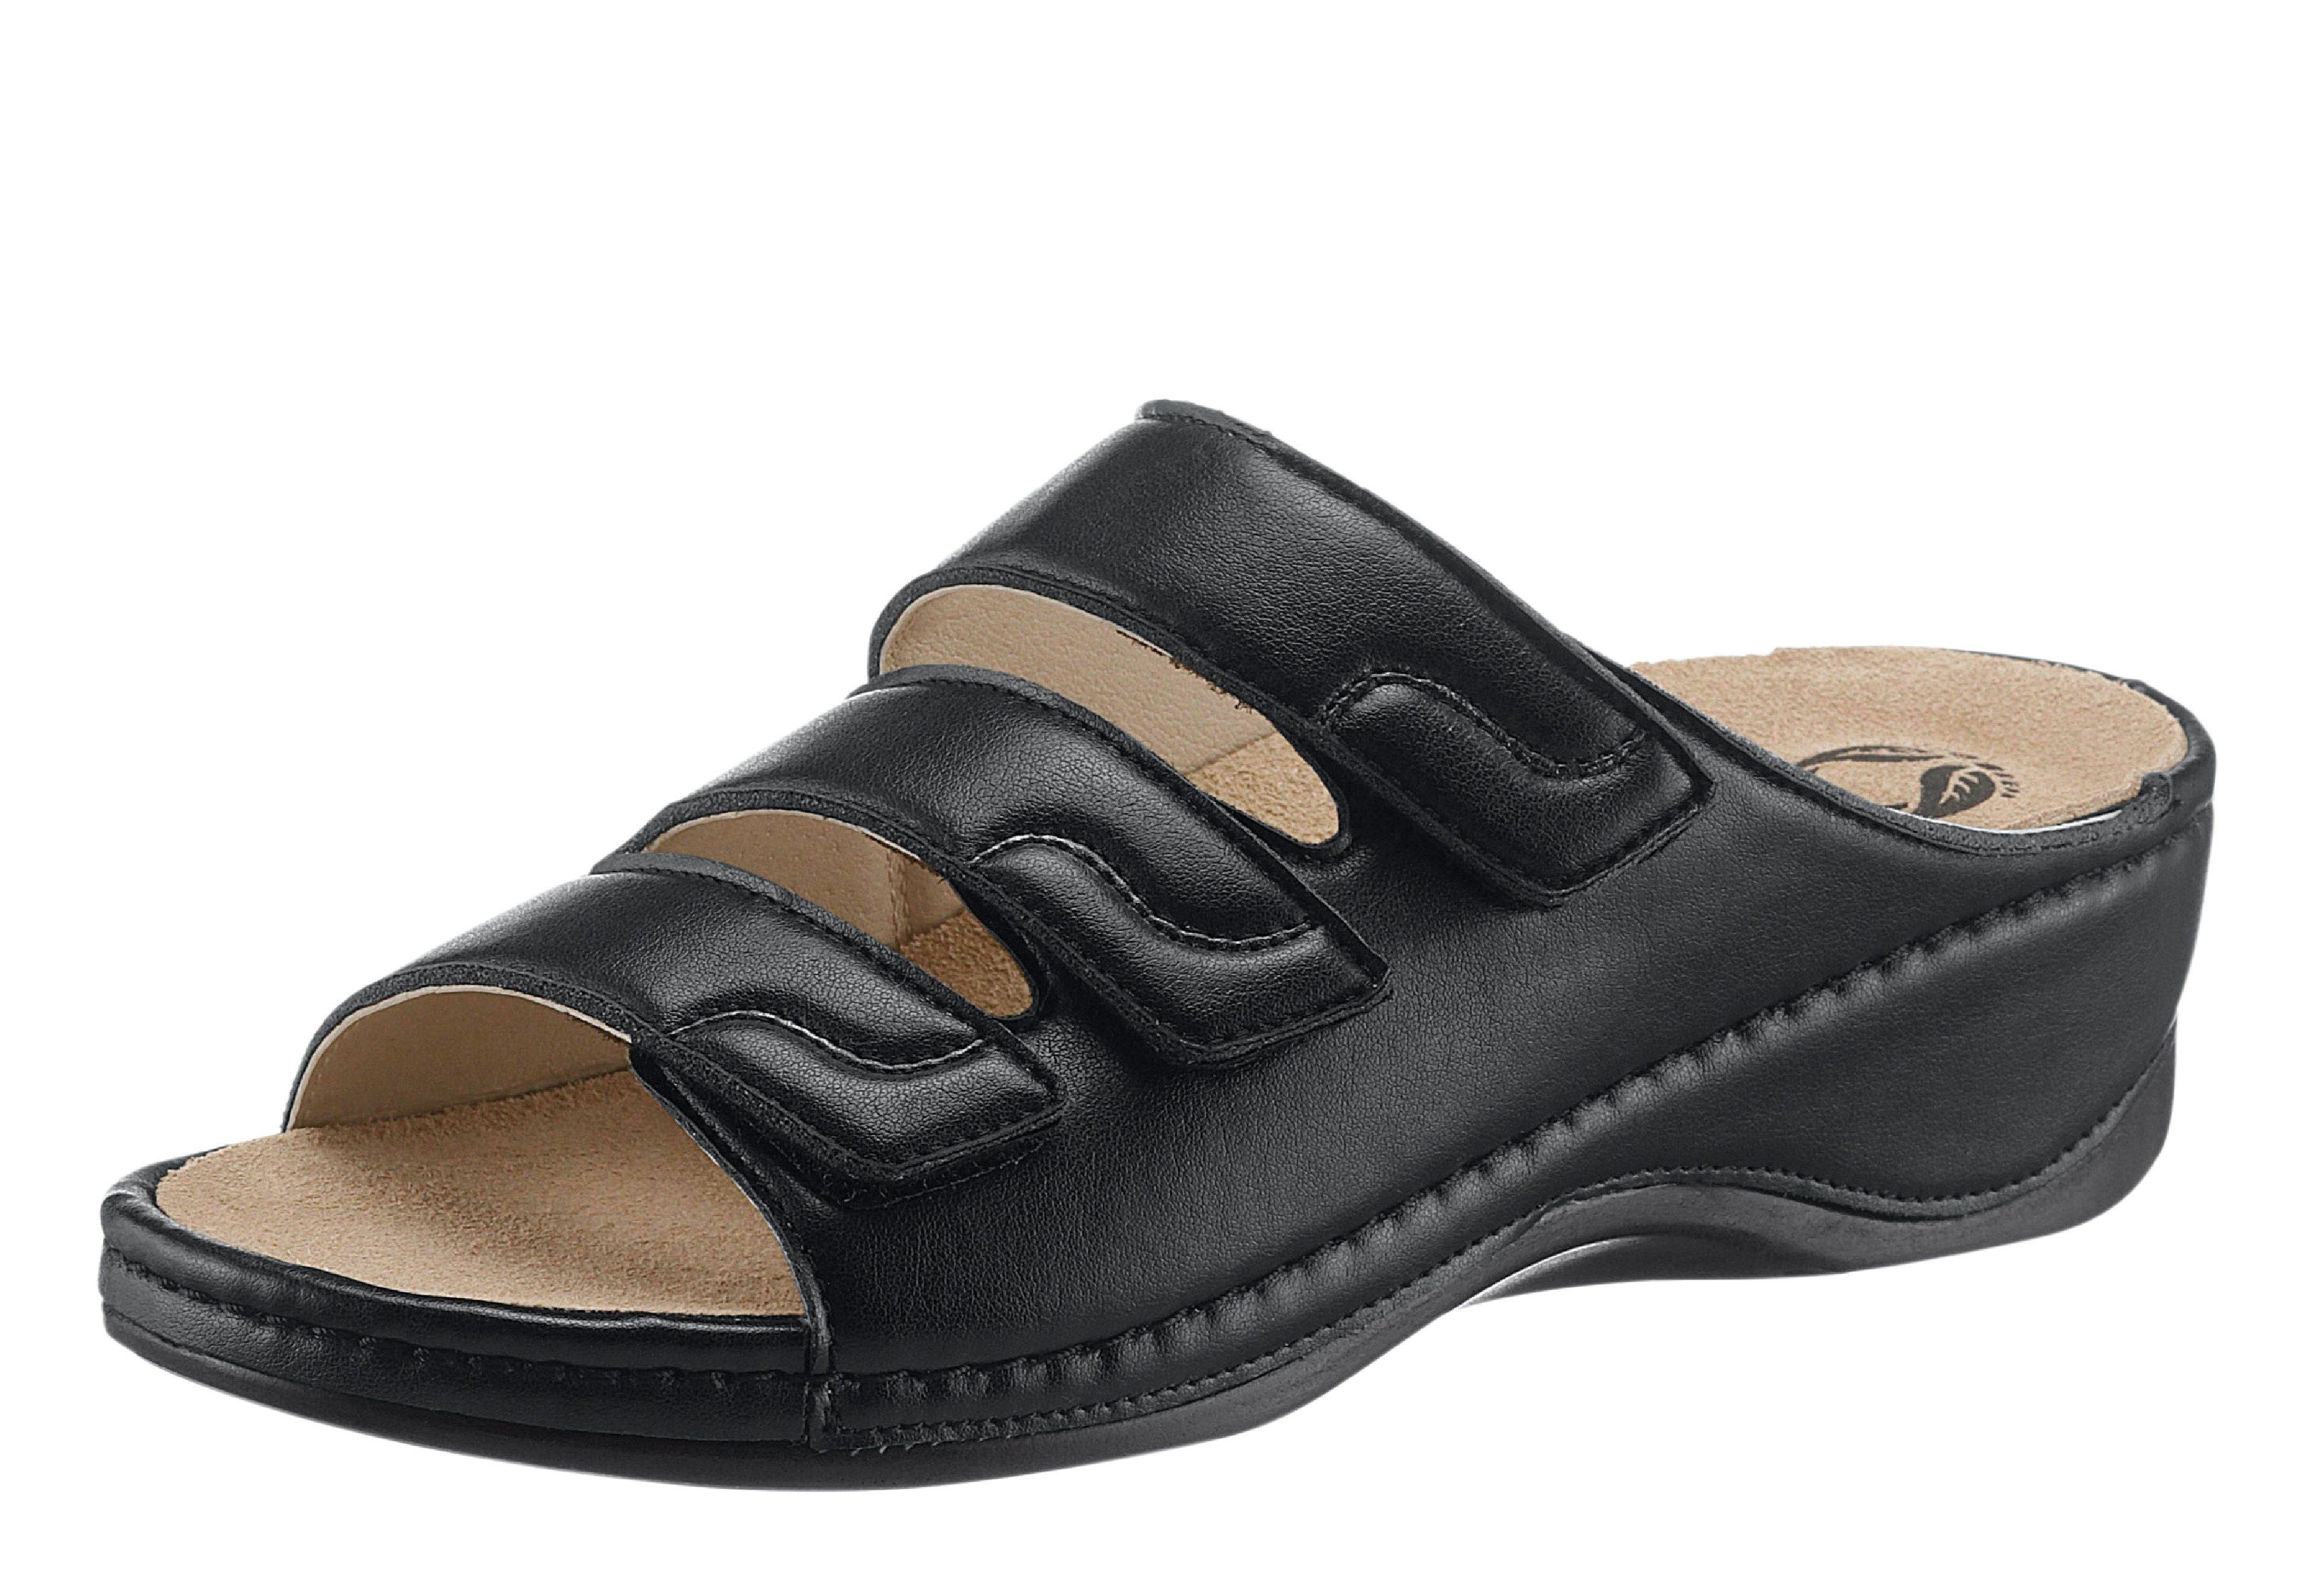 Pantolette mit weichem Wechselfußbett kaufen  schwarz